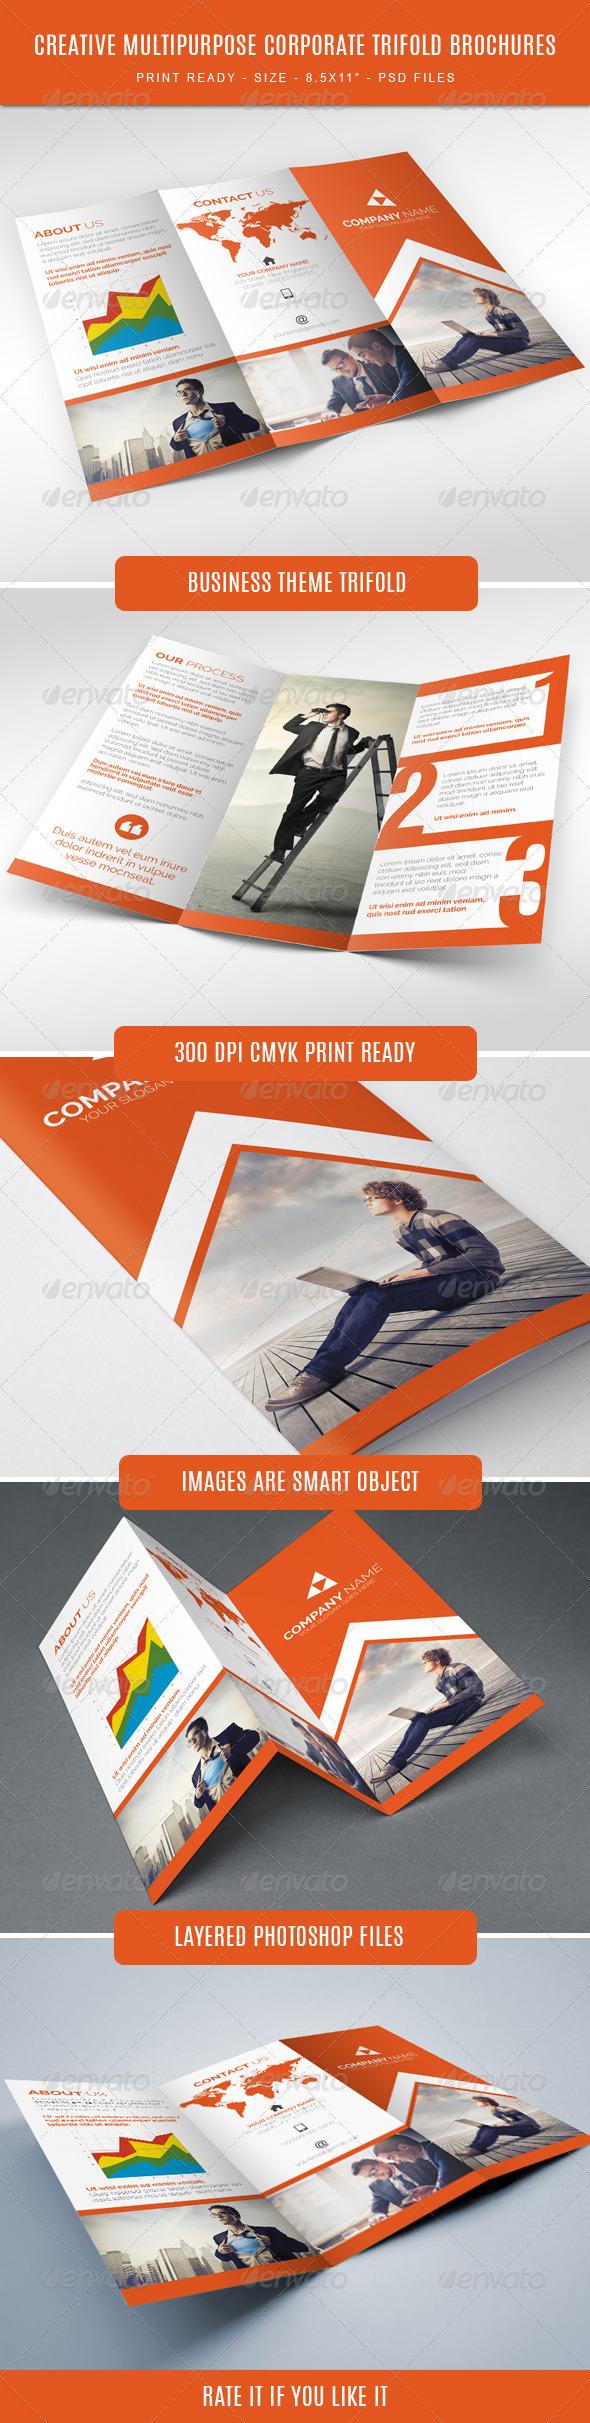 GraphicRiver Creative Corporate Tri-Fold Brochure 7877981